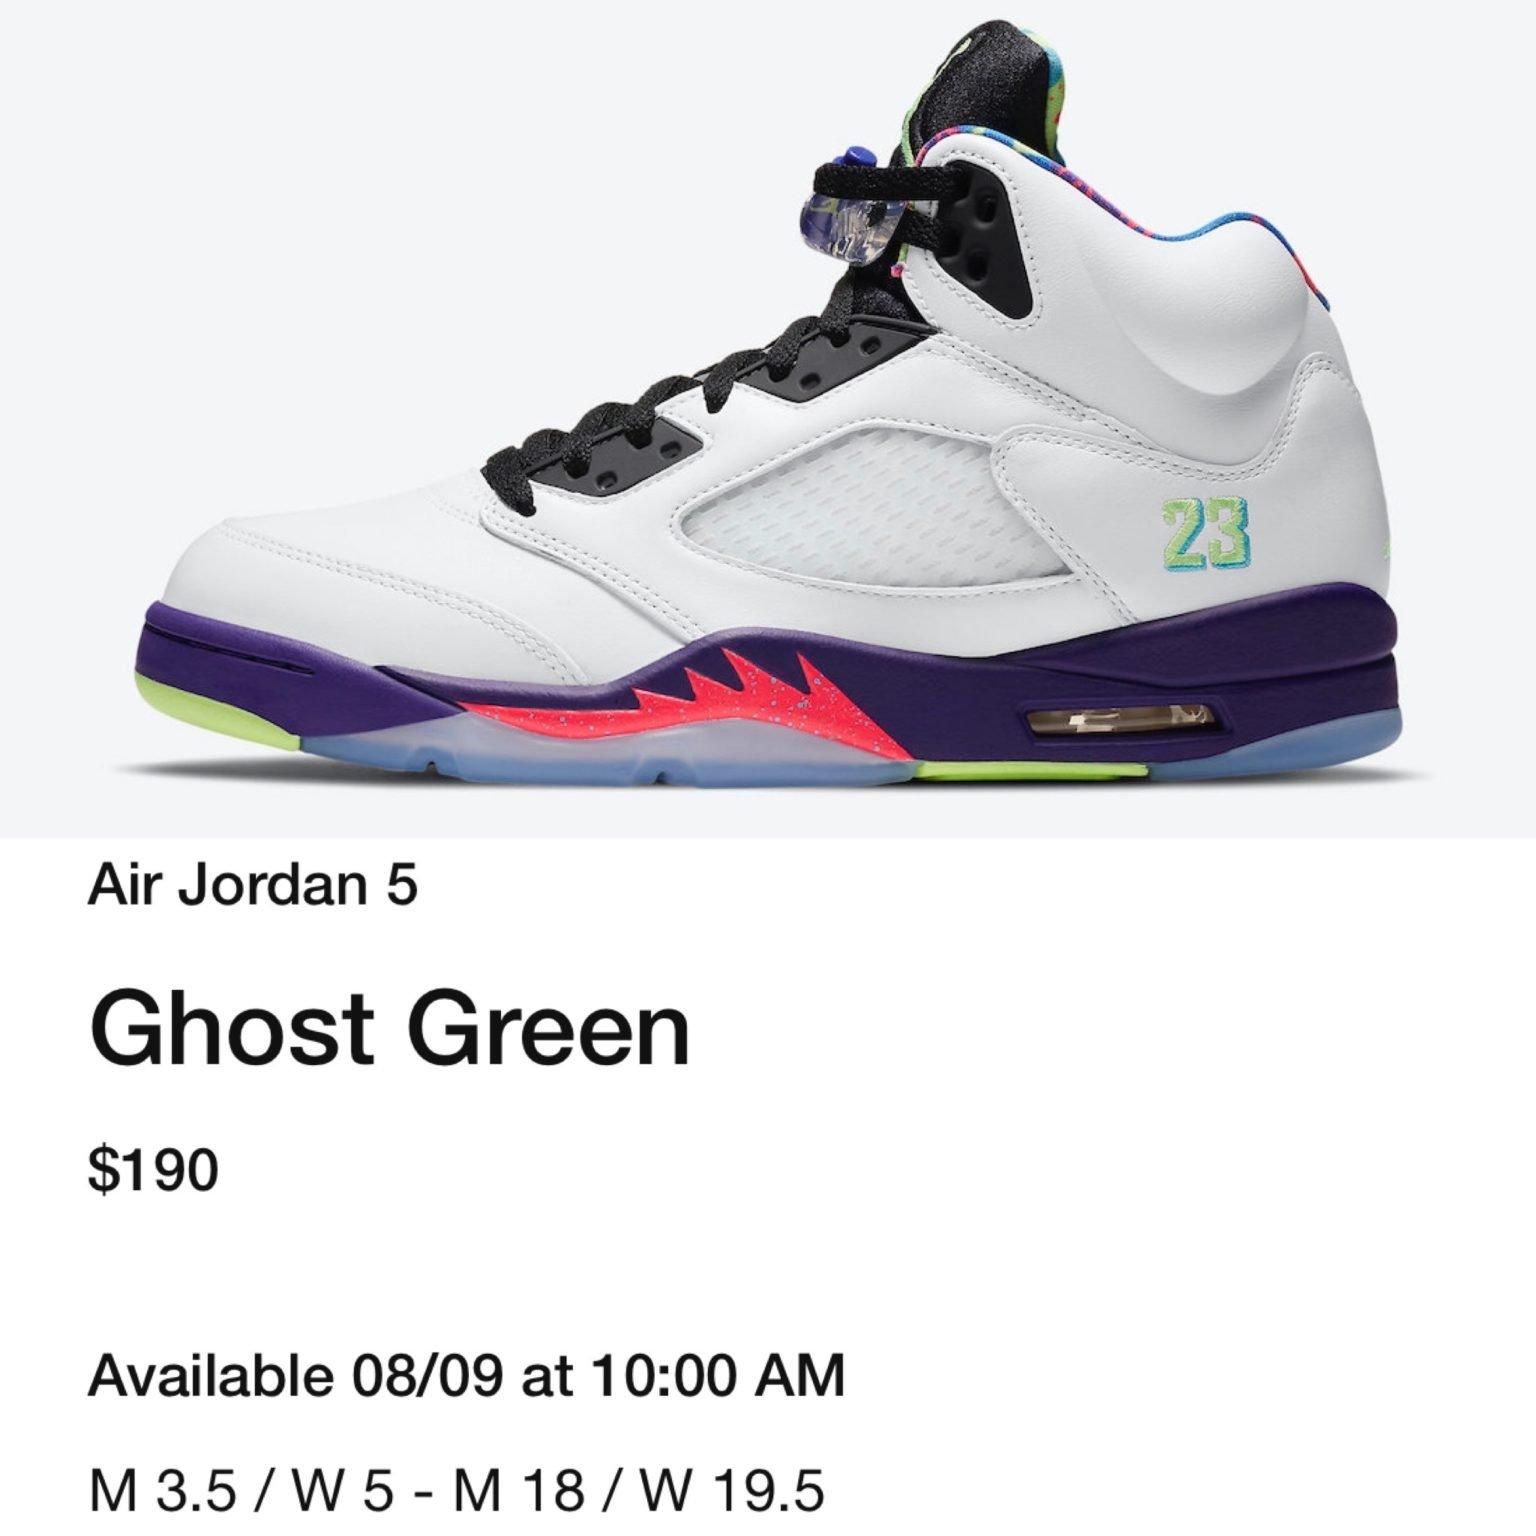 Air Jordan 5 Alternate Bel-Air Ghost Green DB3335-100 Release Date